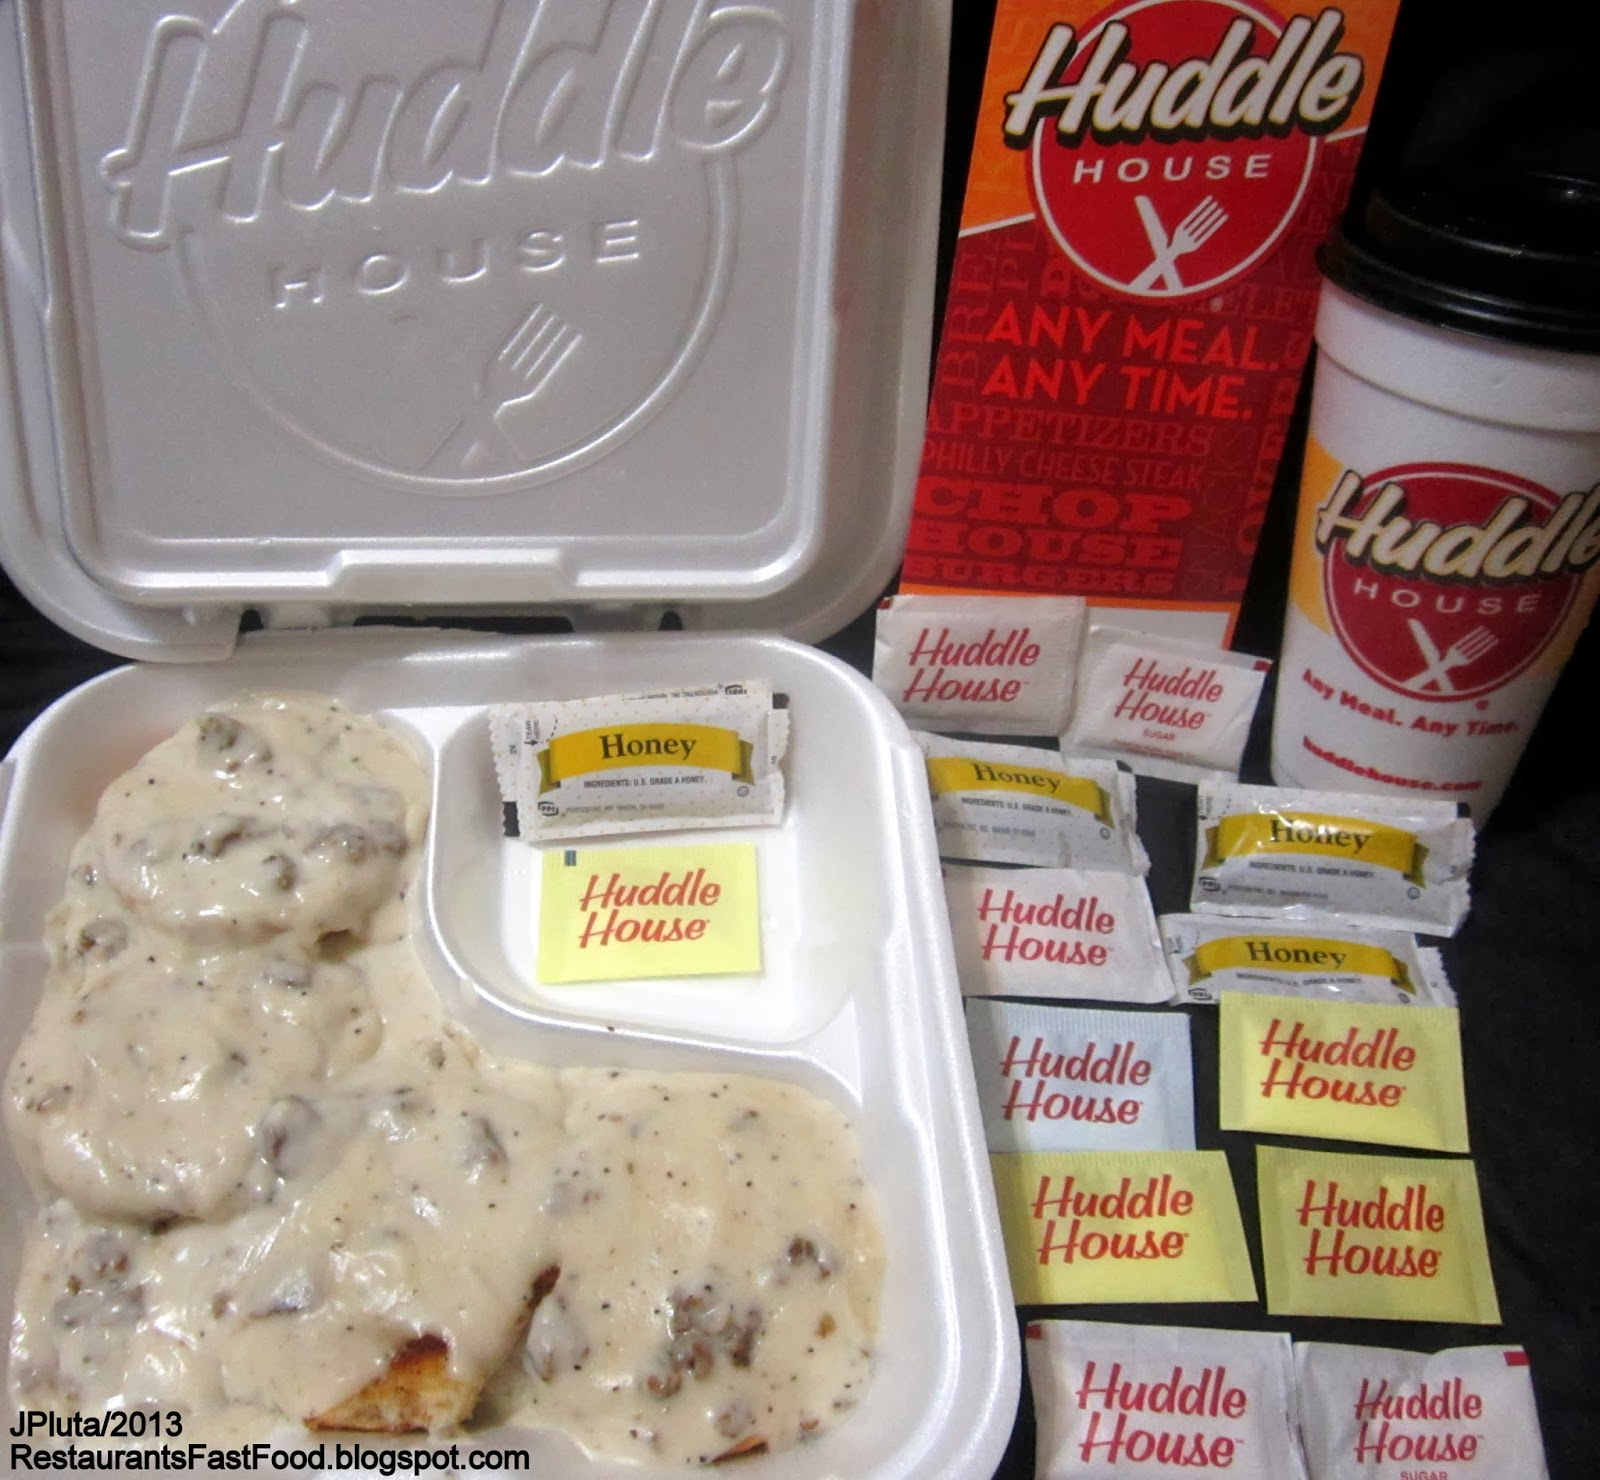 Restaurant Fast Food Menu McDonalds DQ BK Hamburger Pizza Mexican